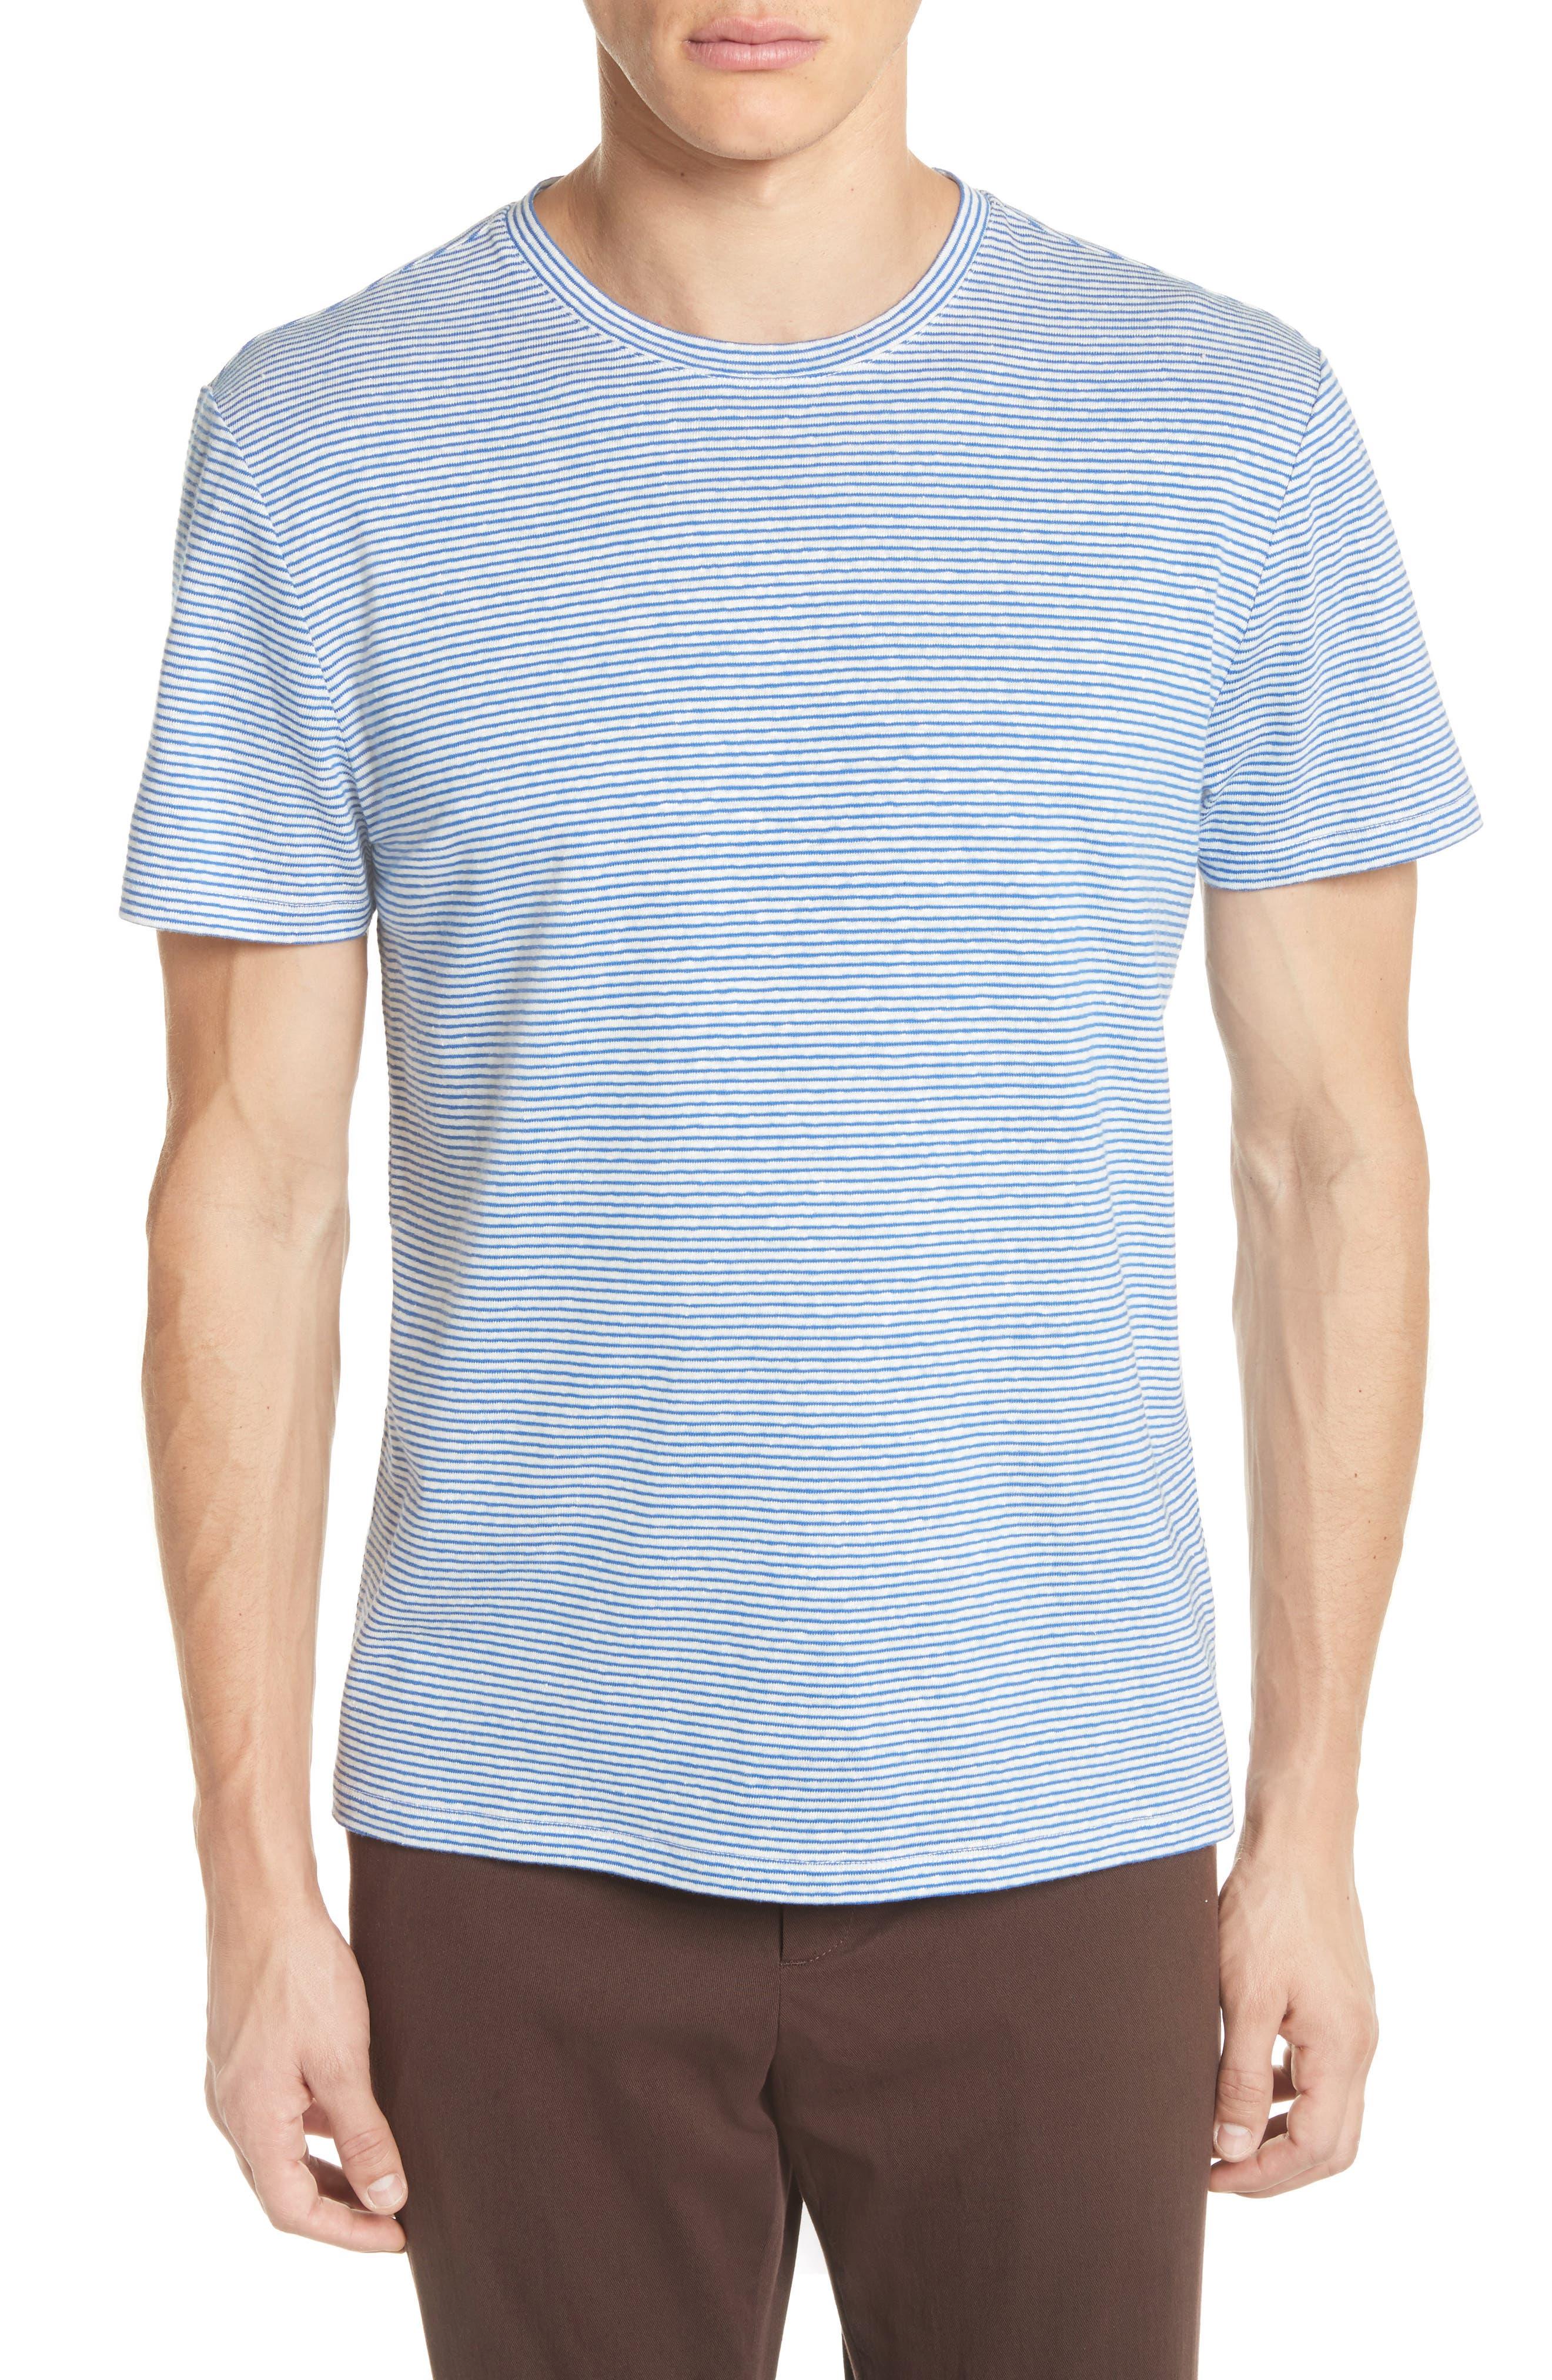 Jimmy Stripe T-Shirt,                             Main thumbnail 1, color,                             BLUE